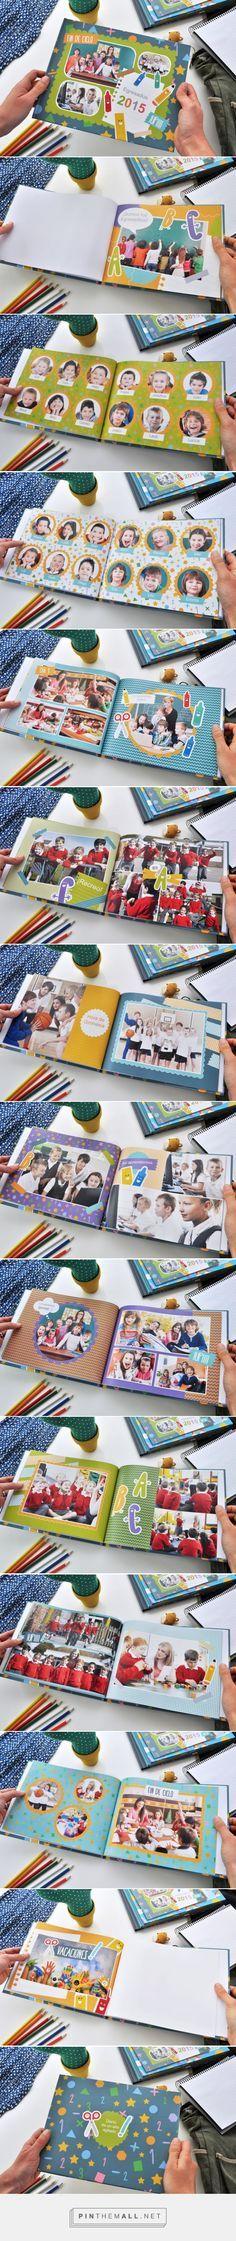 Anuario Días Fantásticos. Fotolibro 27,9 x 21,6 cm tapa dura. Fotolibro para descargar gratis y completar con tus fotos! | Blog - Fábrica de Fotolibros